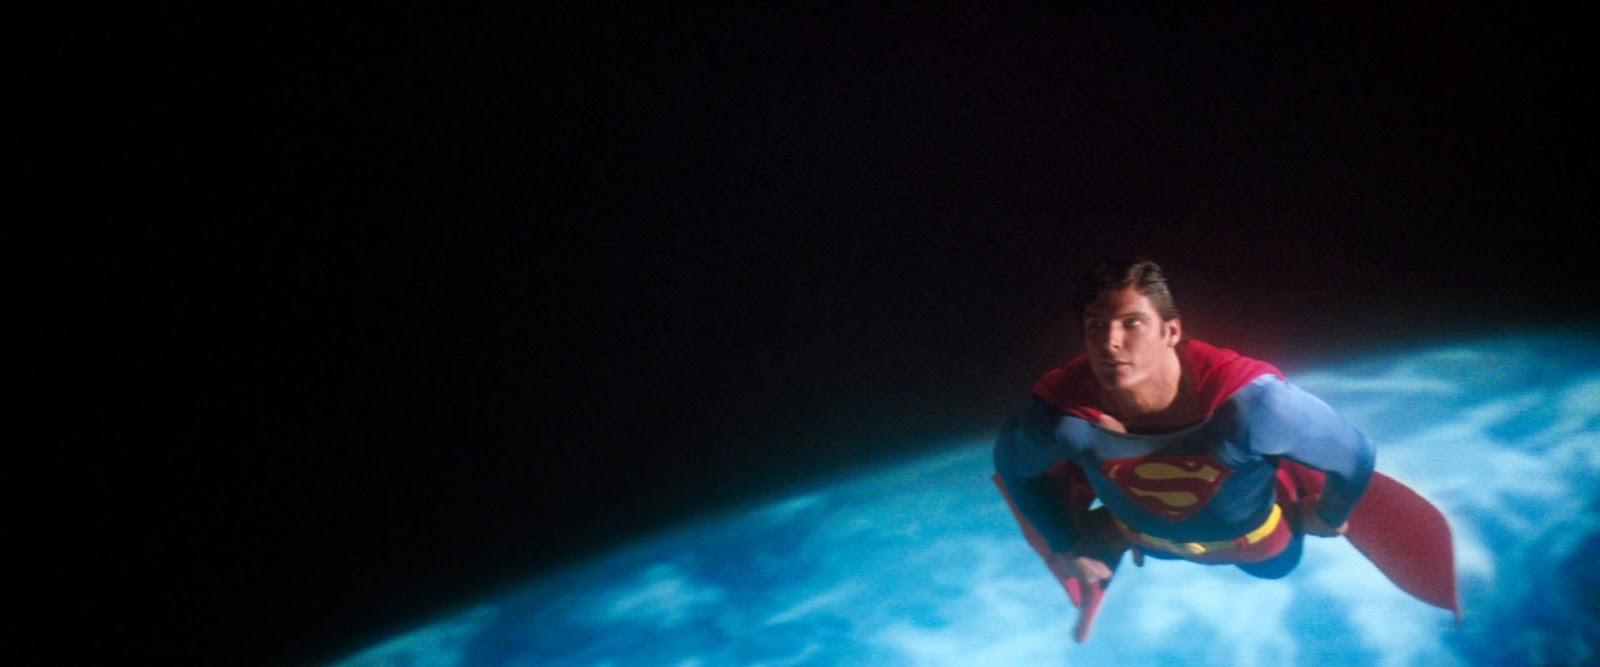 Resultado de imagem para superman 1978 film screenshots